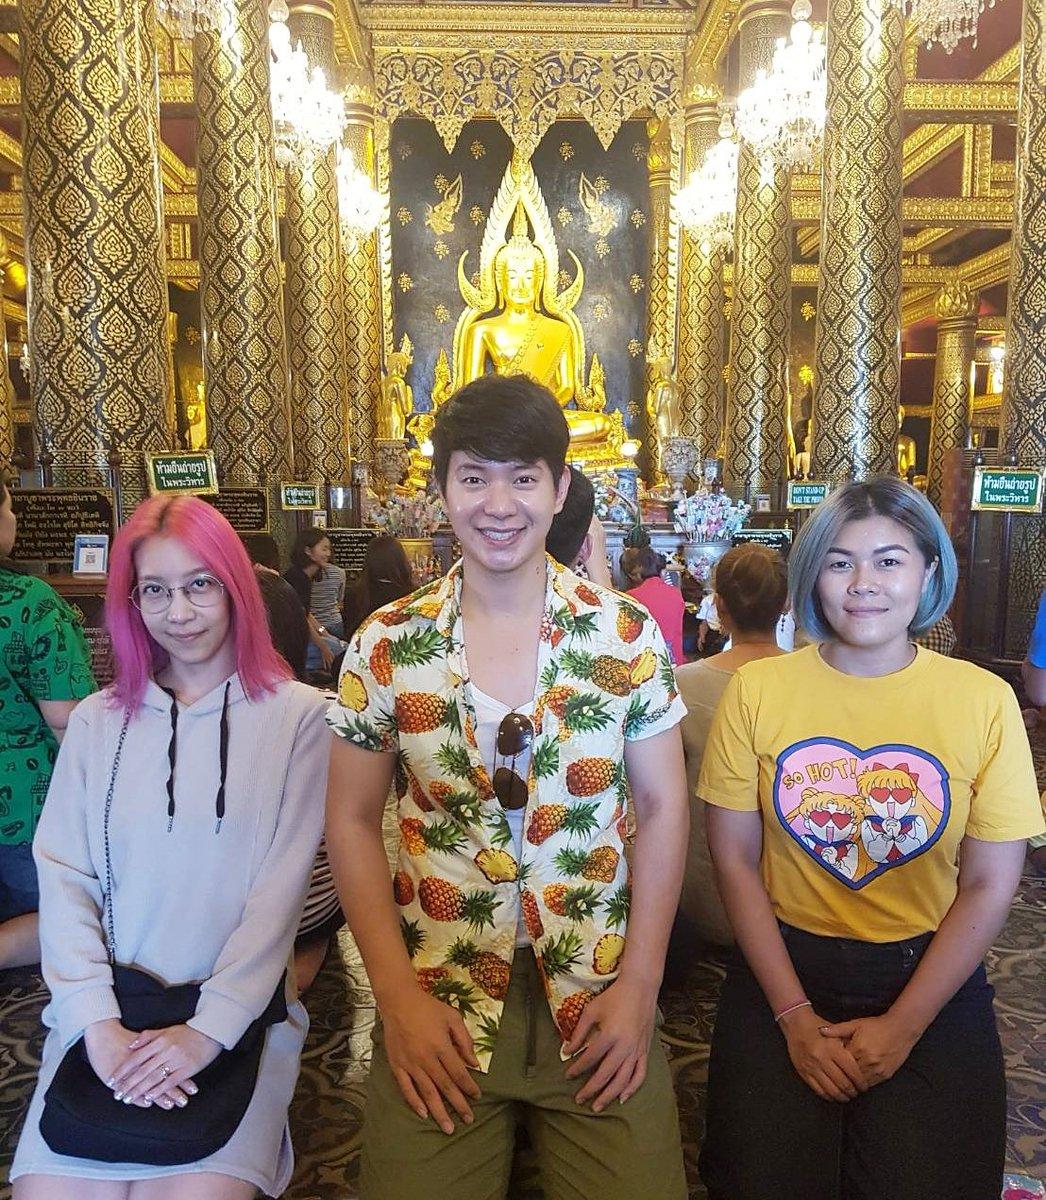 สักการะ พระพุทธชินราช พระคู่บ้านคู่เมือง...